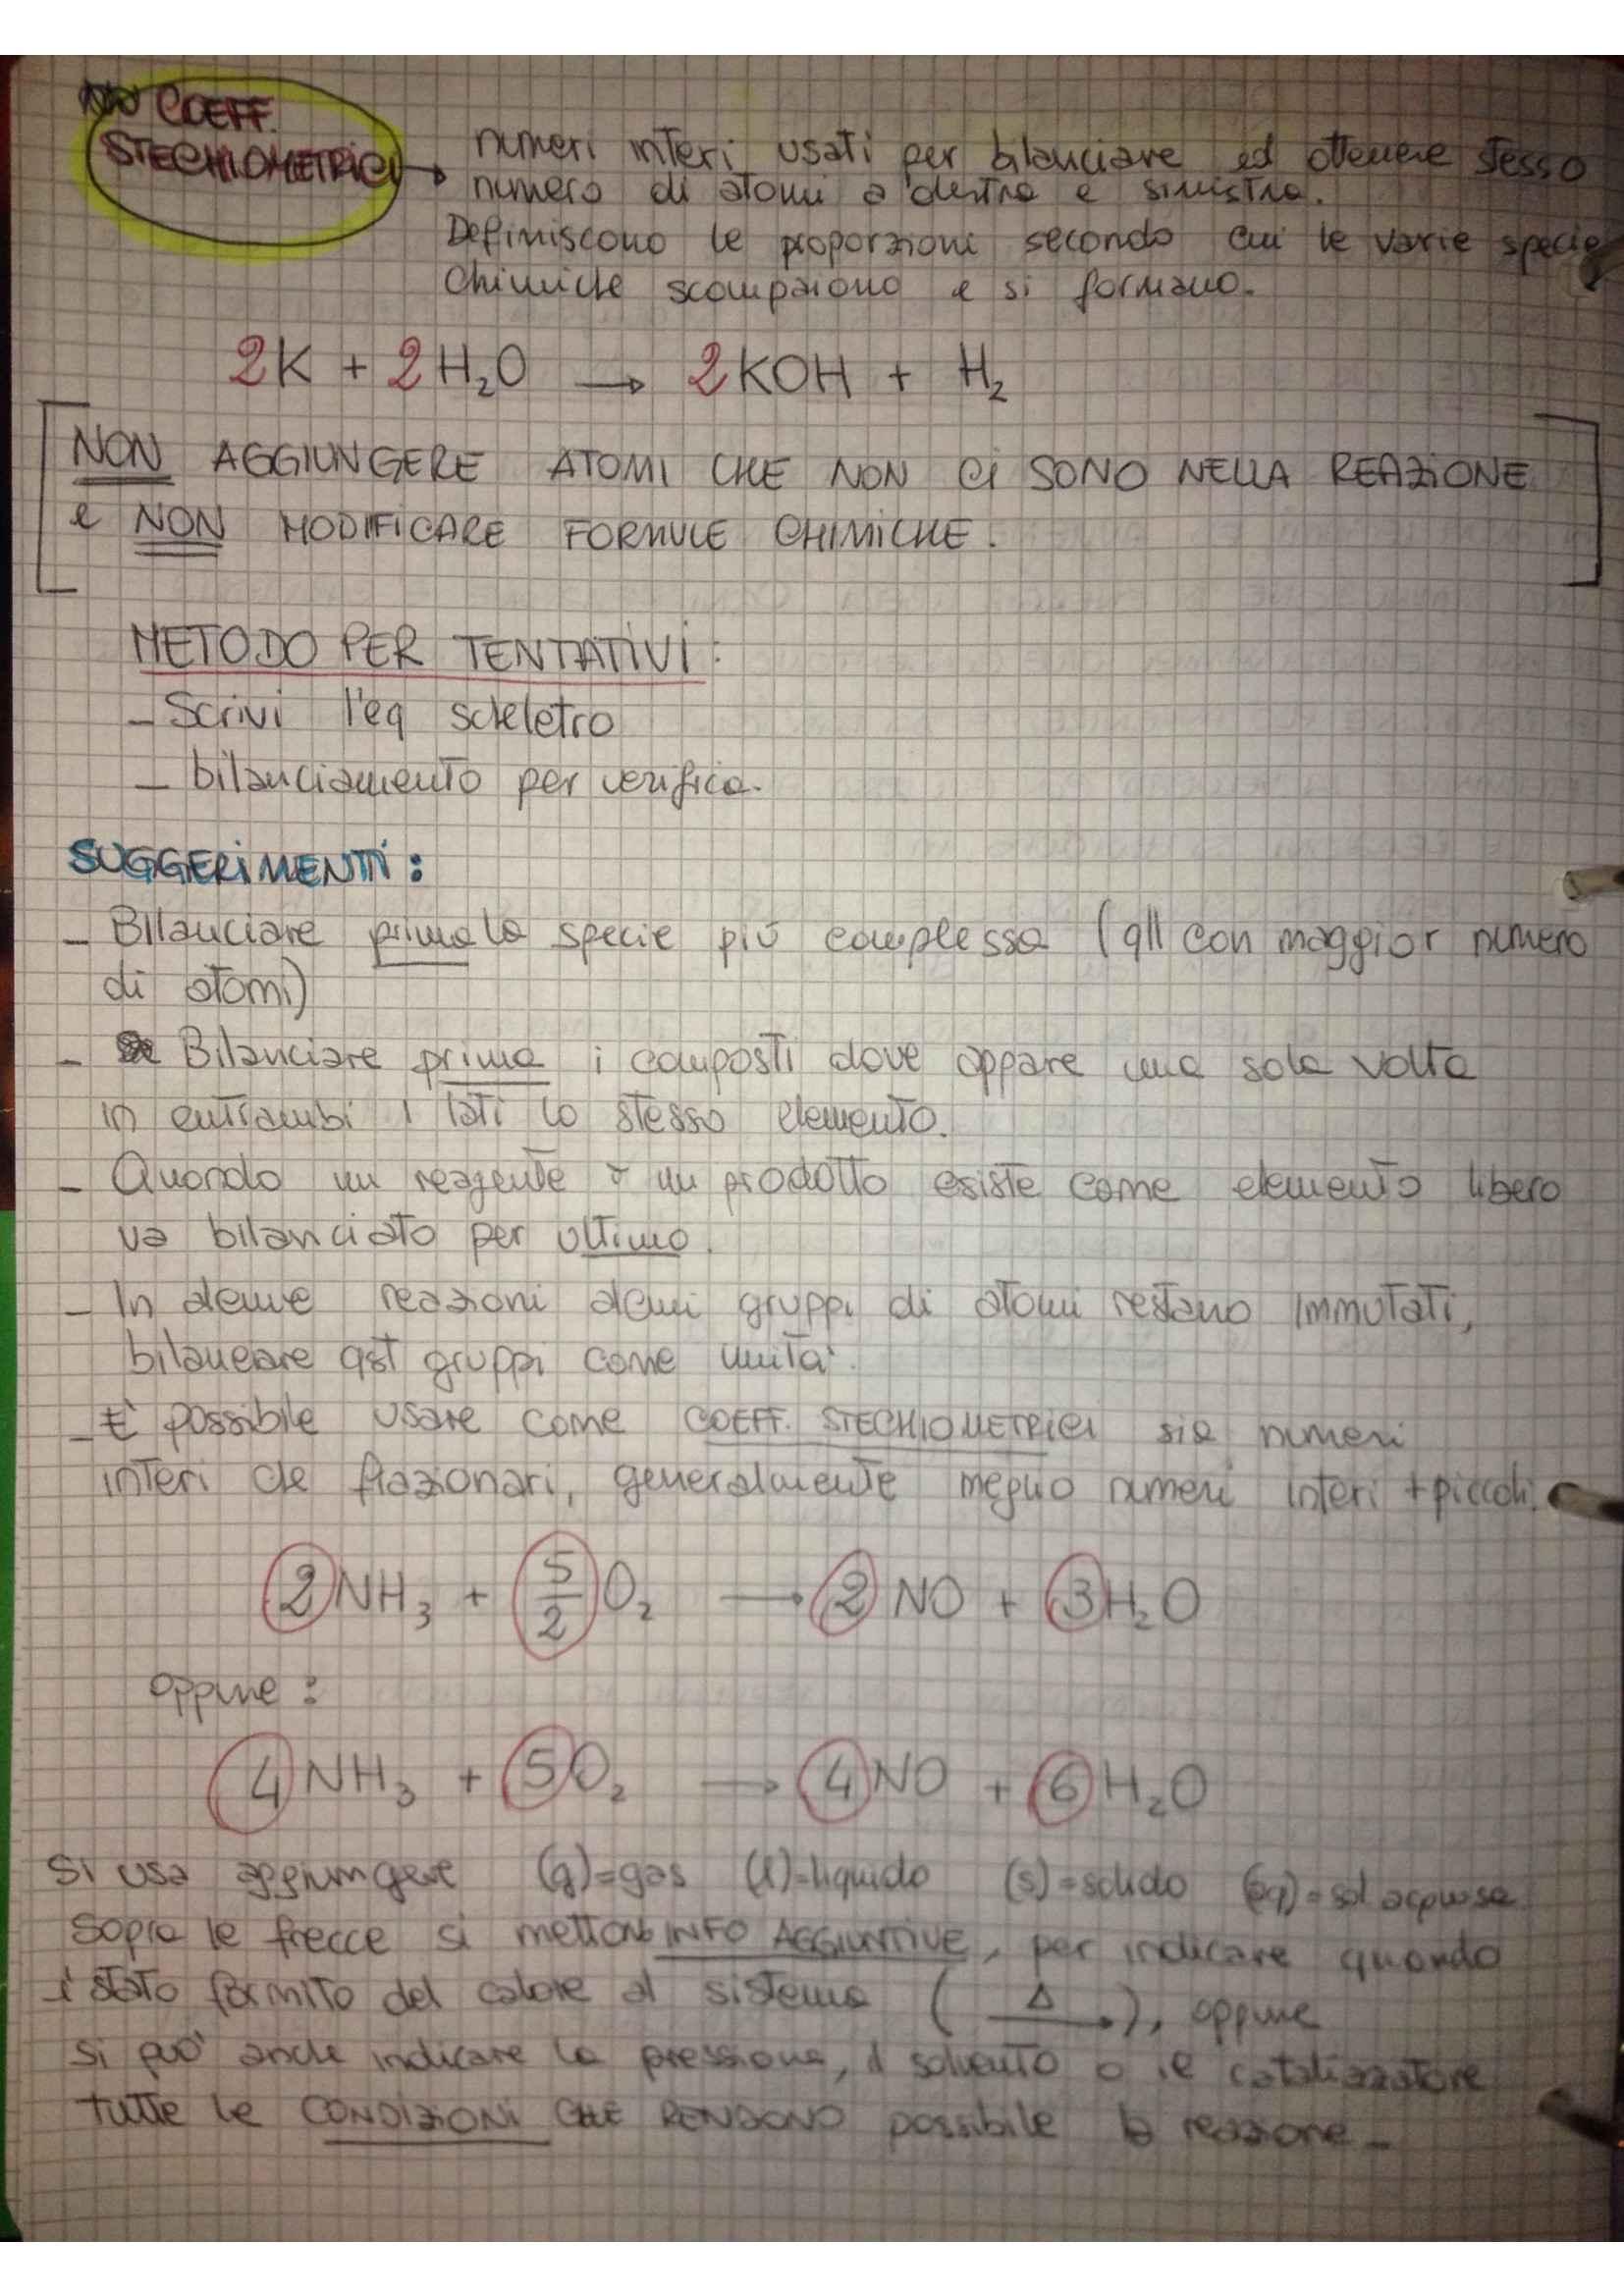 Fondamenti di chimica - reazioni chimiche e esercizi sulle ossidoriduzioni Pag. 2